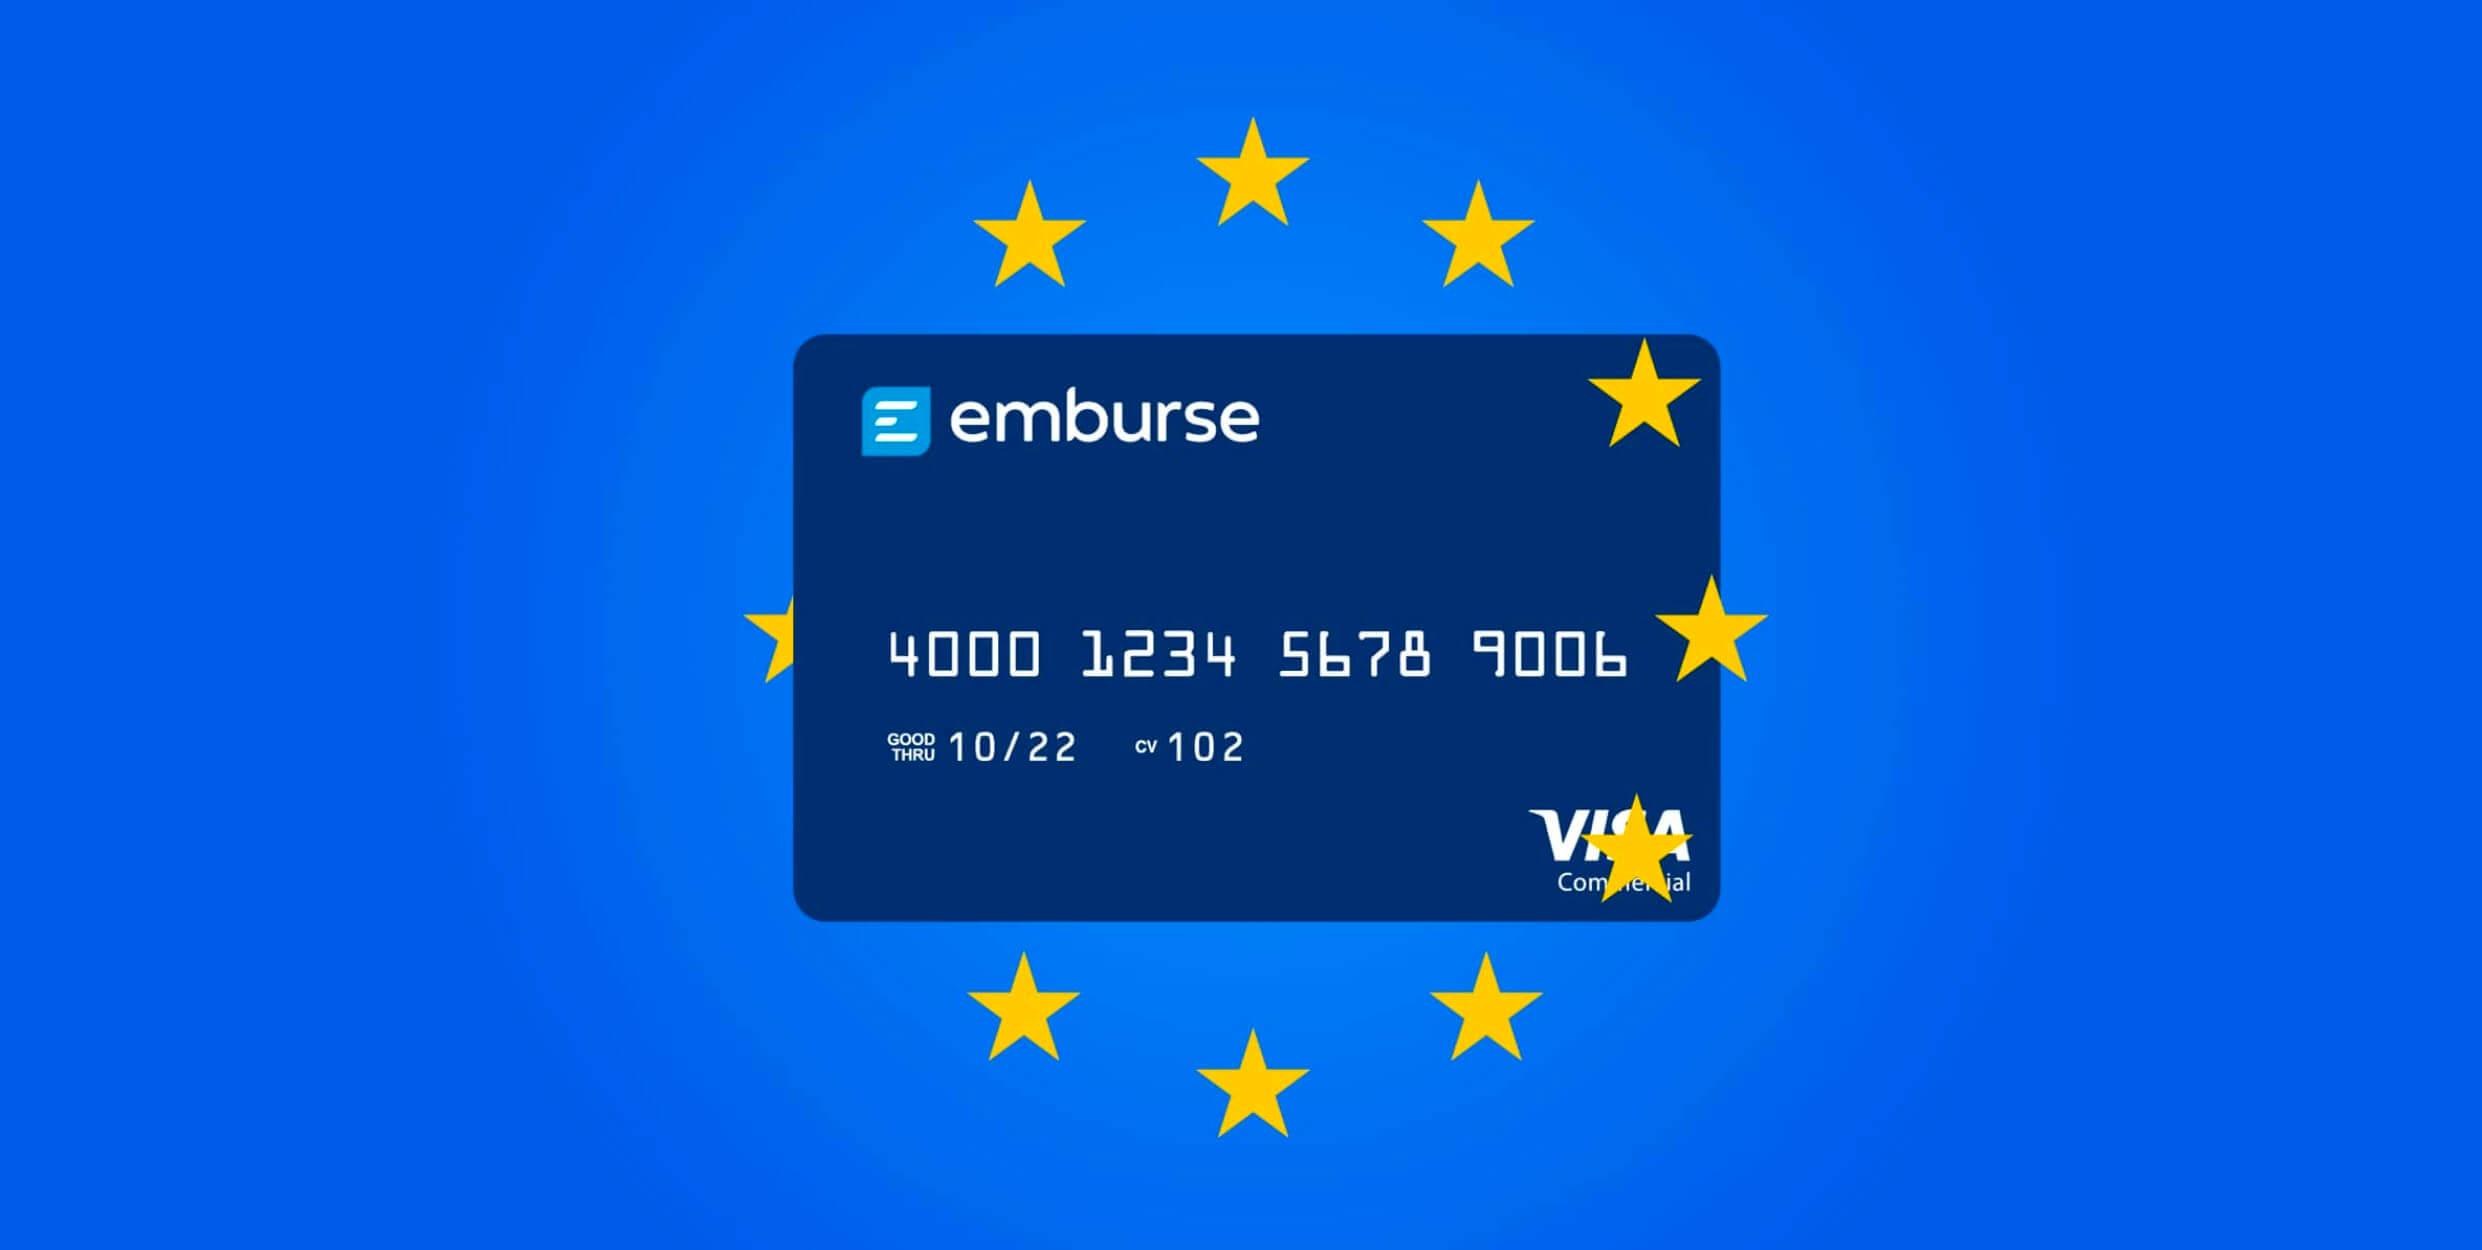 emburse cards mercado europeo captio